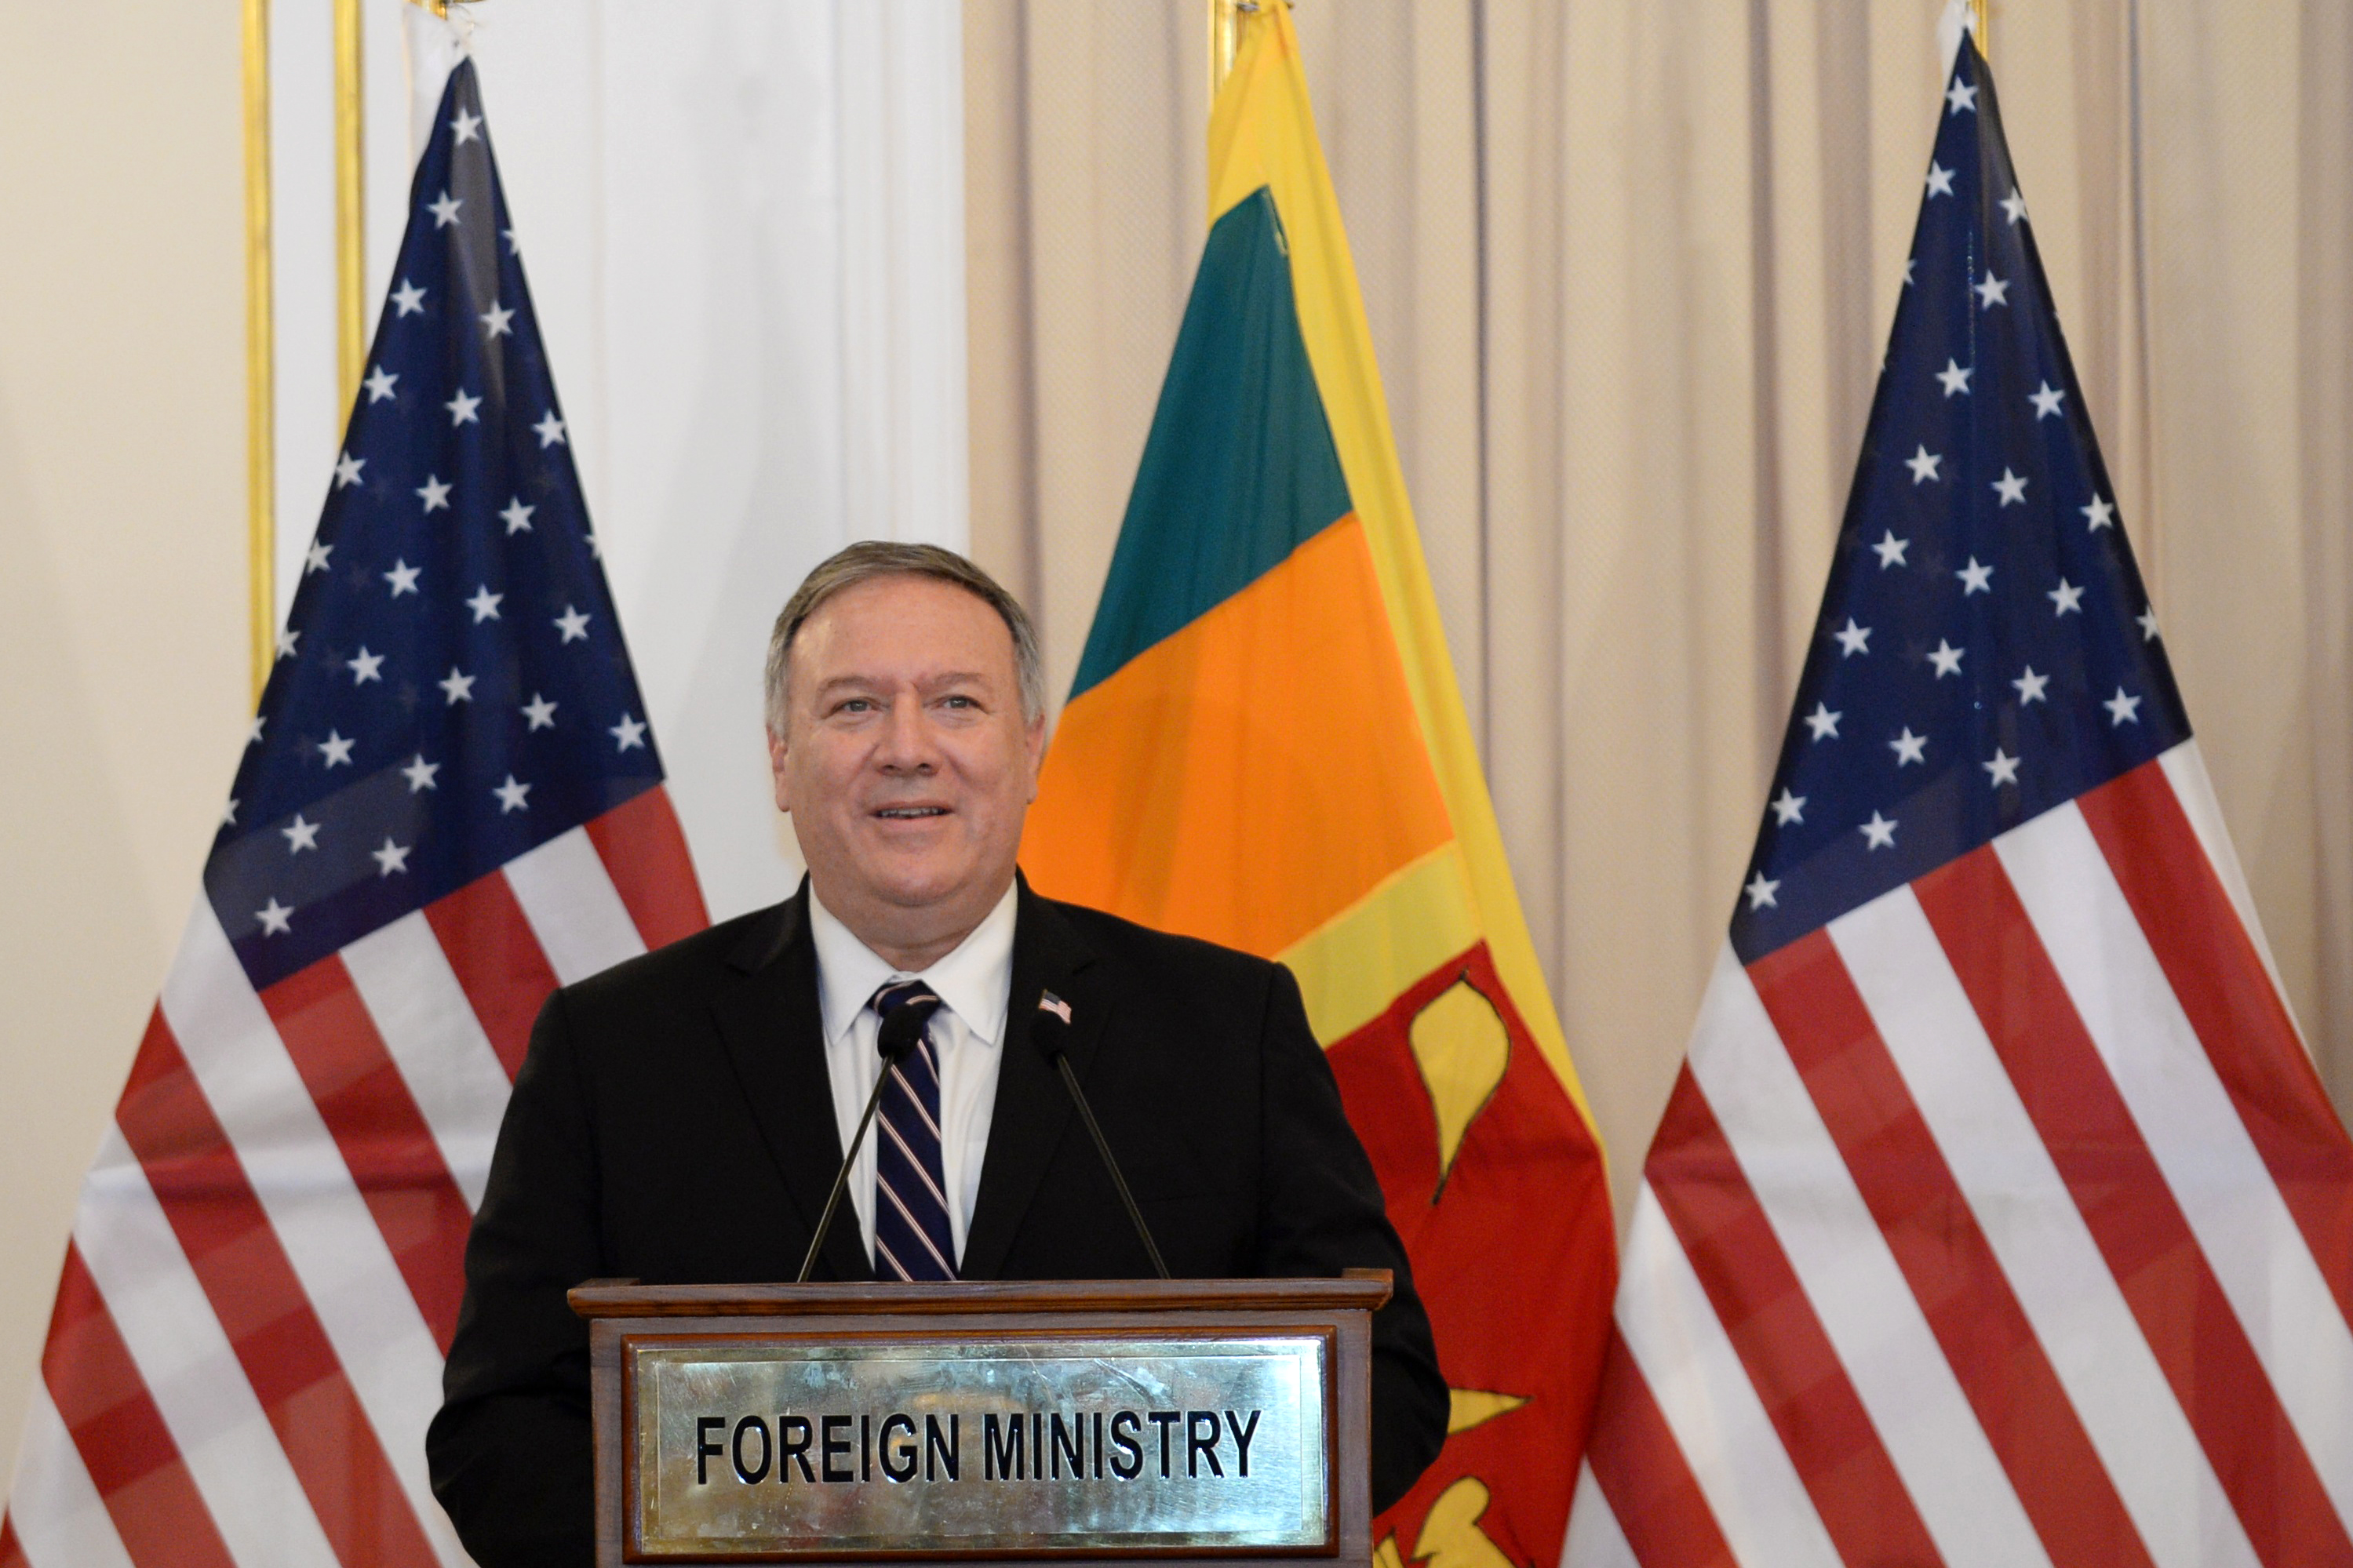 蓬佩奧歷史性宣佈:將在馬爾代夫設美使館